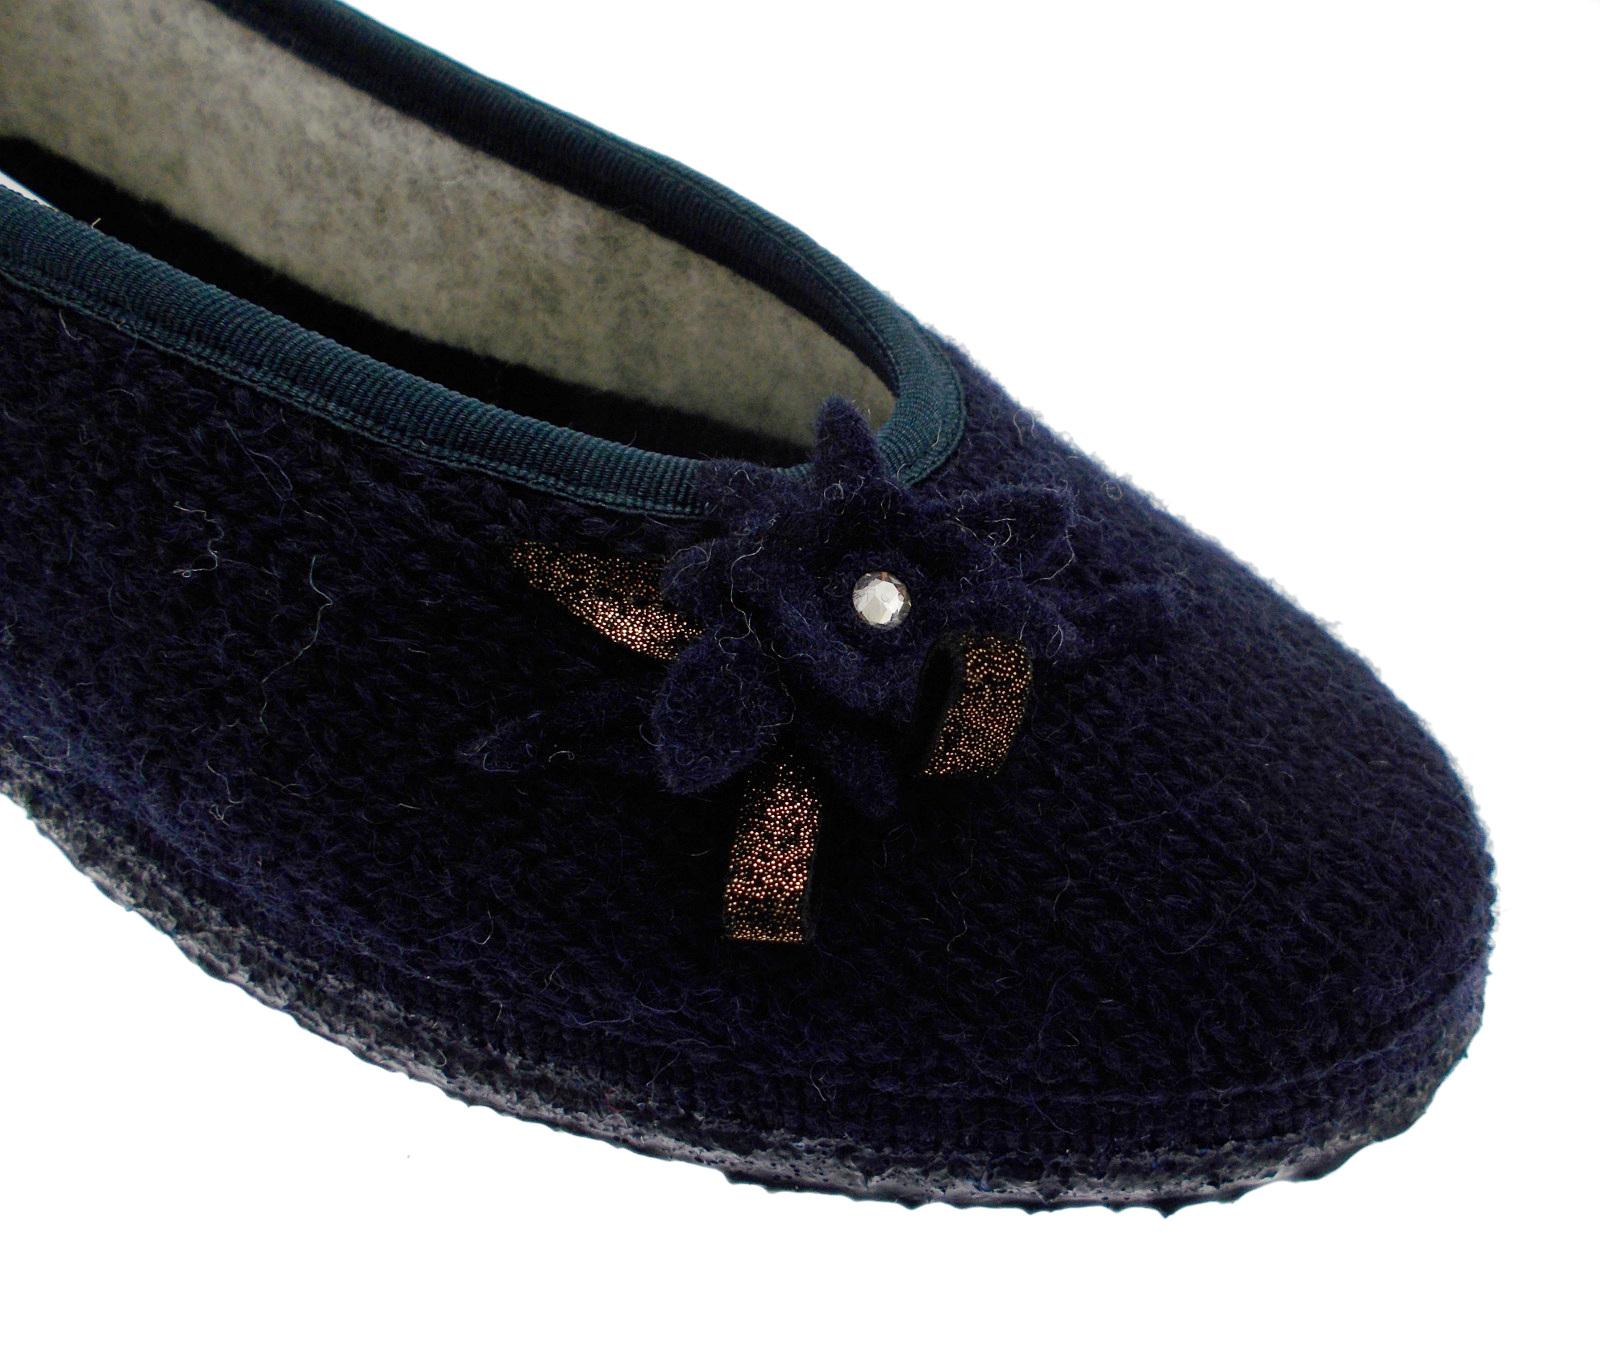 68/10/49155 588 Lassan Paperina slipper bloem in blauwe wol Giesswein